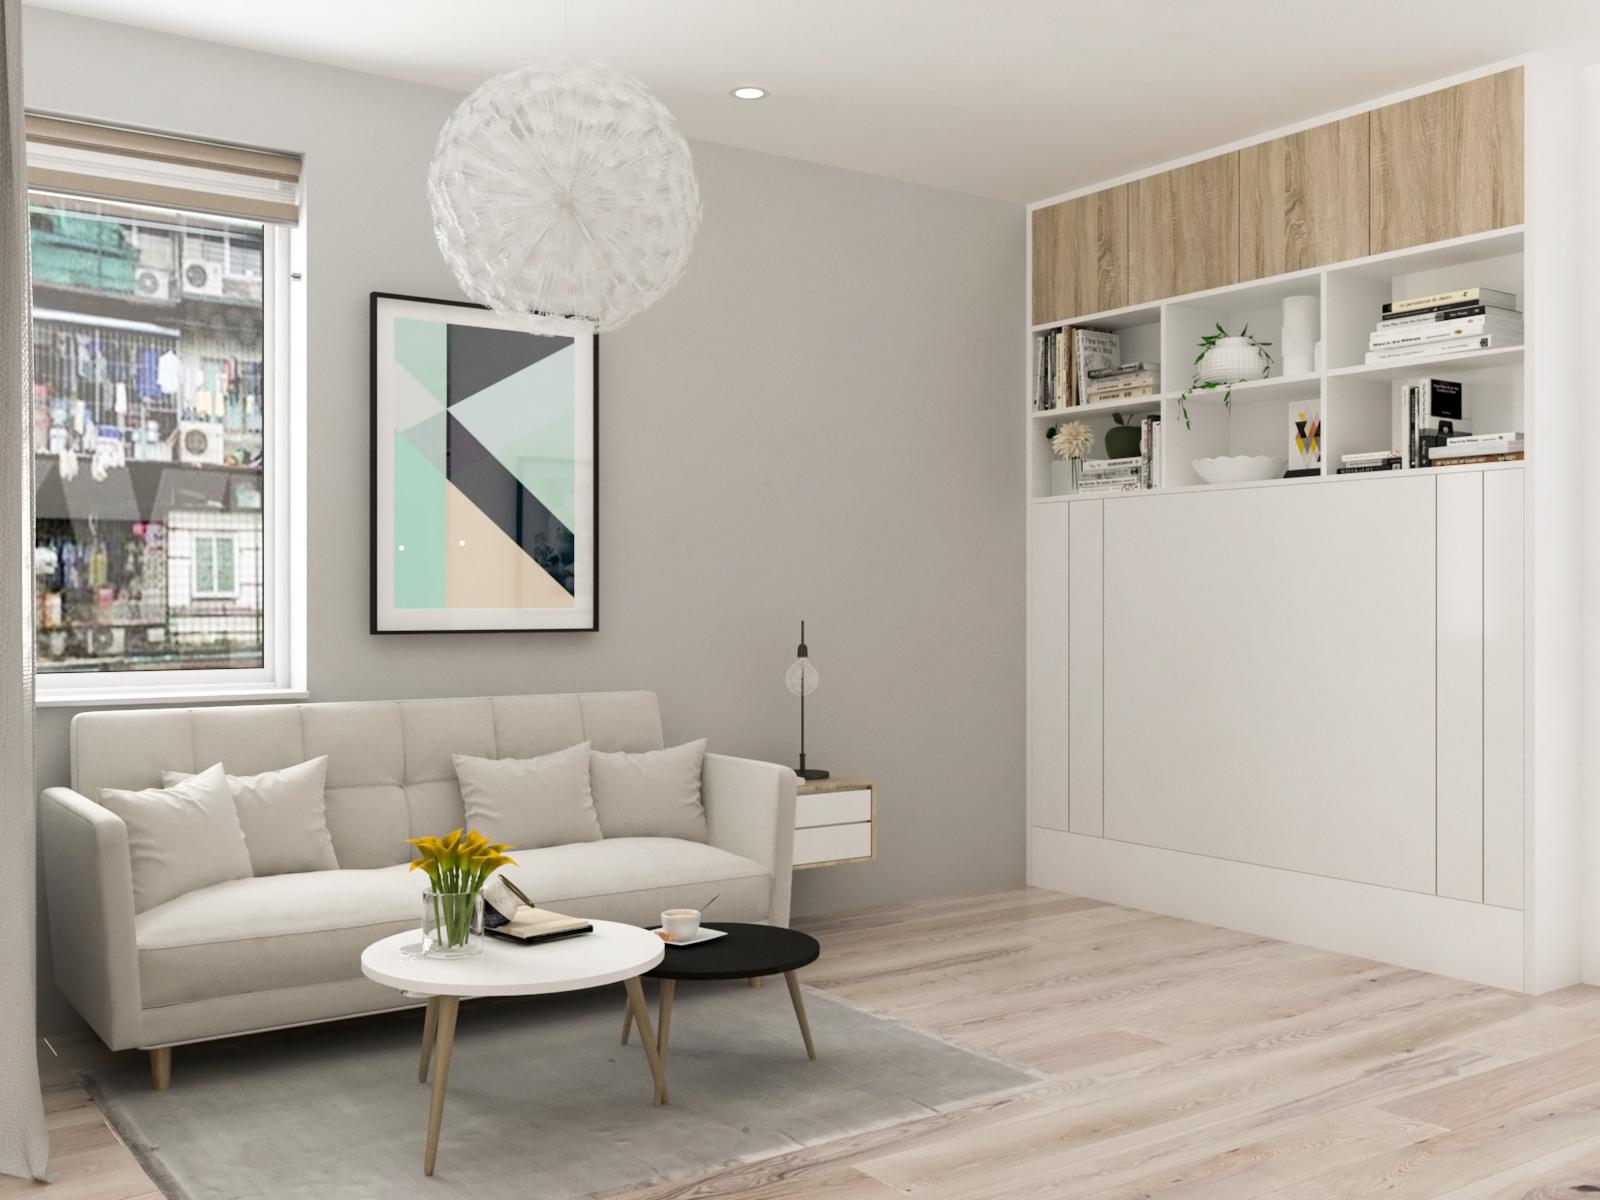 Tư vấn thiết kế cải tạo căn hộ tập thể 50m² với tổng chi phí 180 triệu đồng - Ảnh 10.